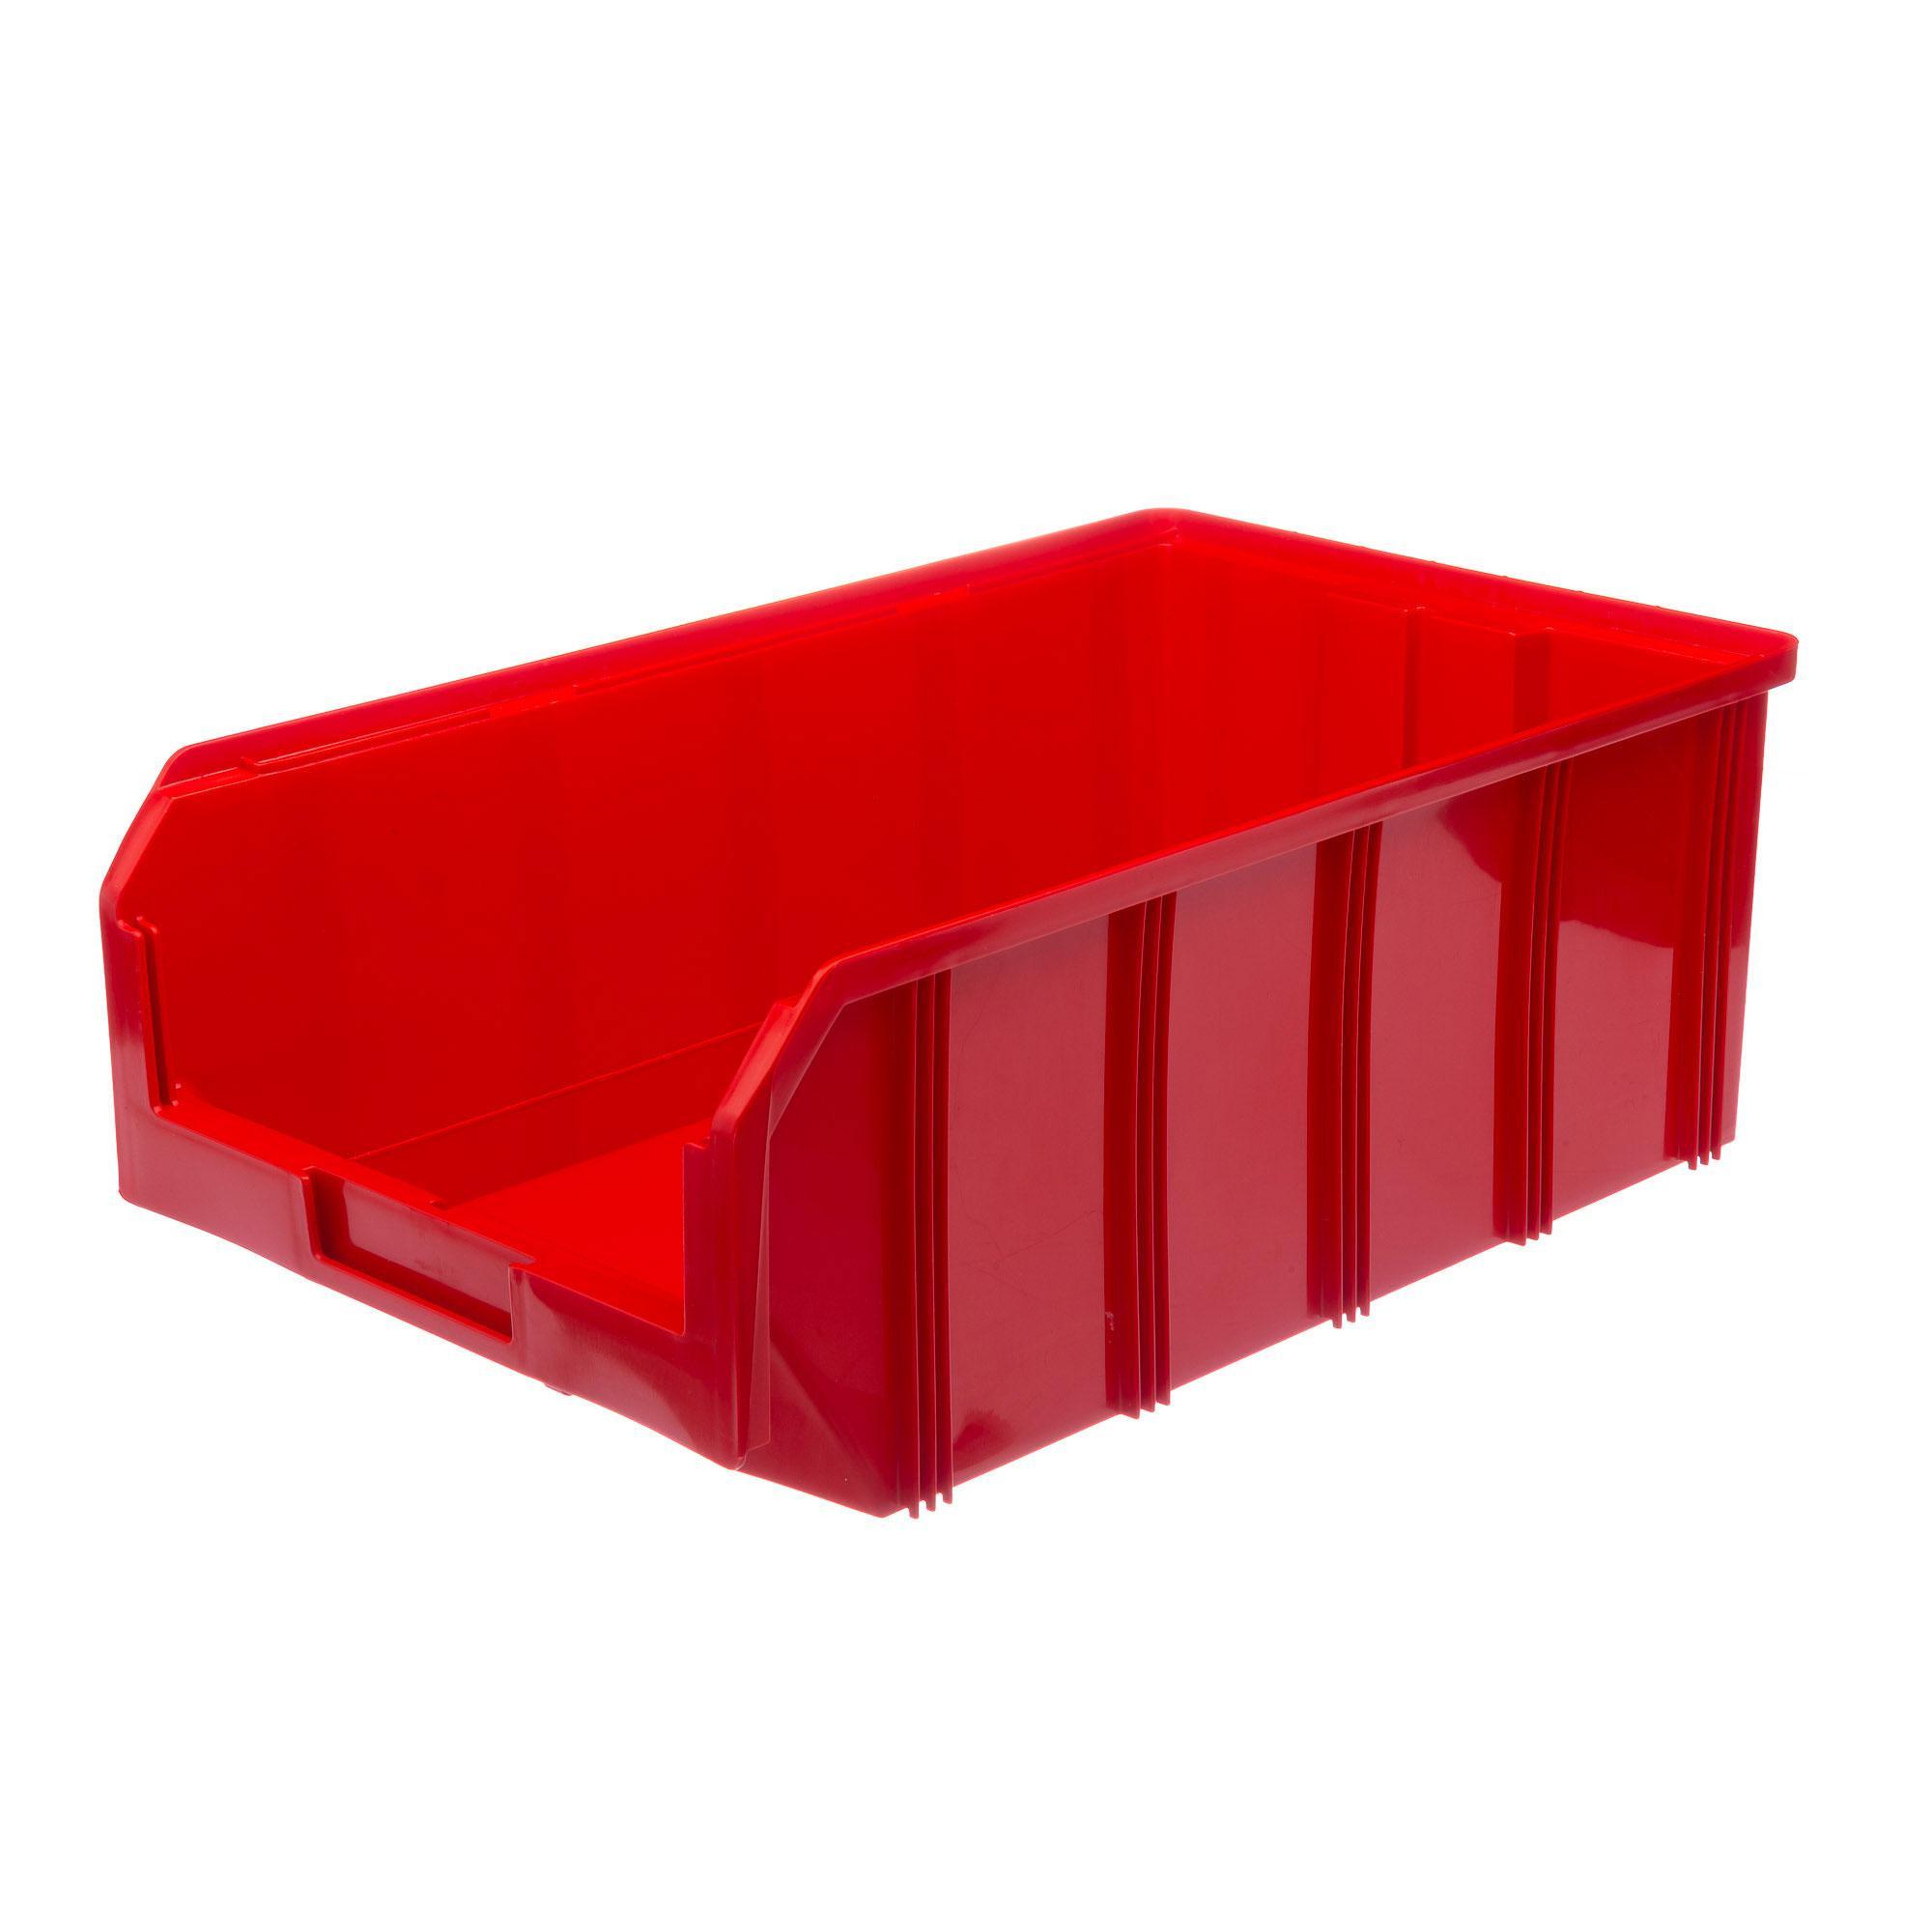 цена на Ящик СТЕЛЛА V-4 красный